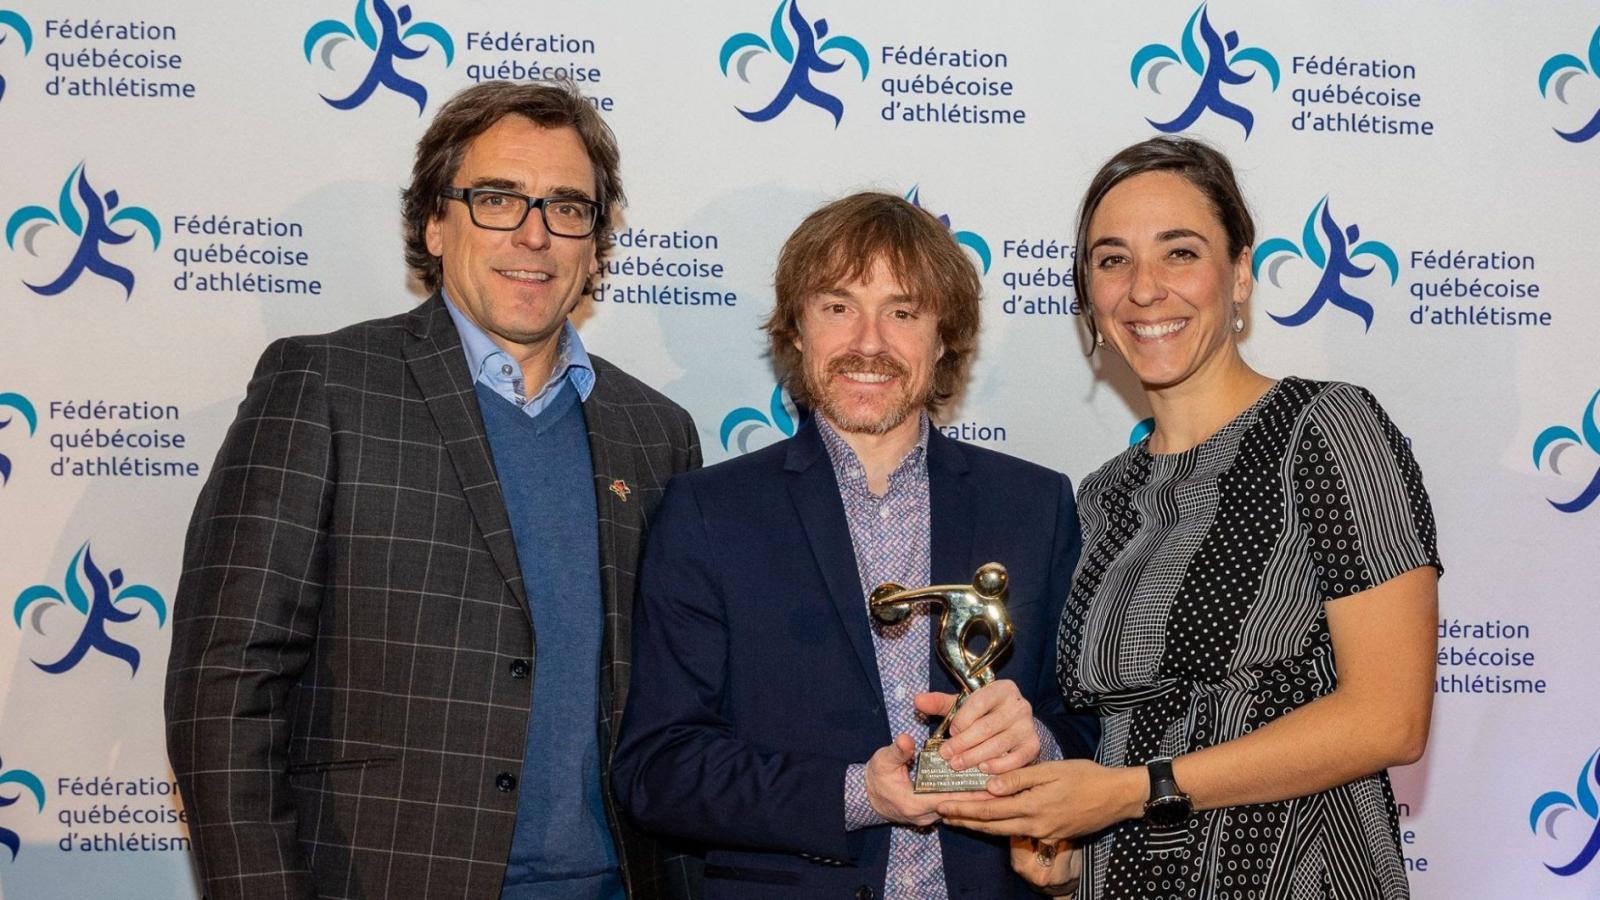 L'Ultra-Trail Harricana honorée par la Fédération québécoise d'athlétisme